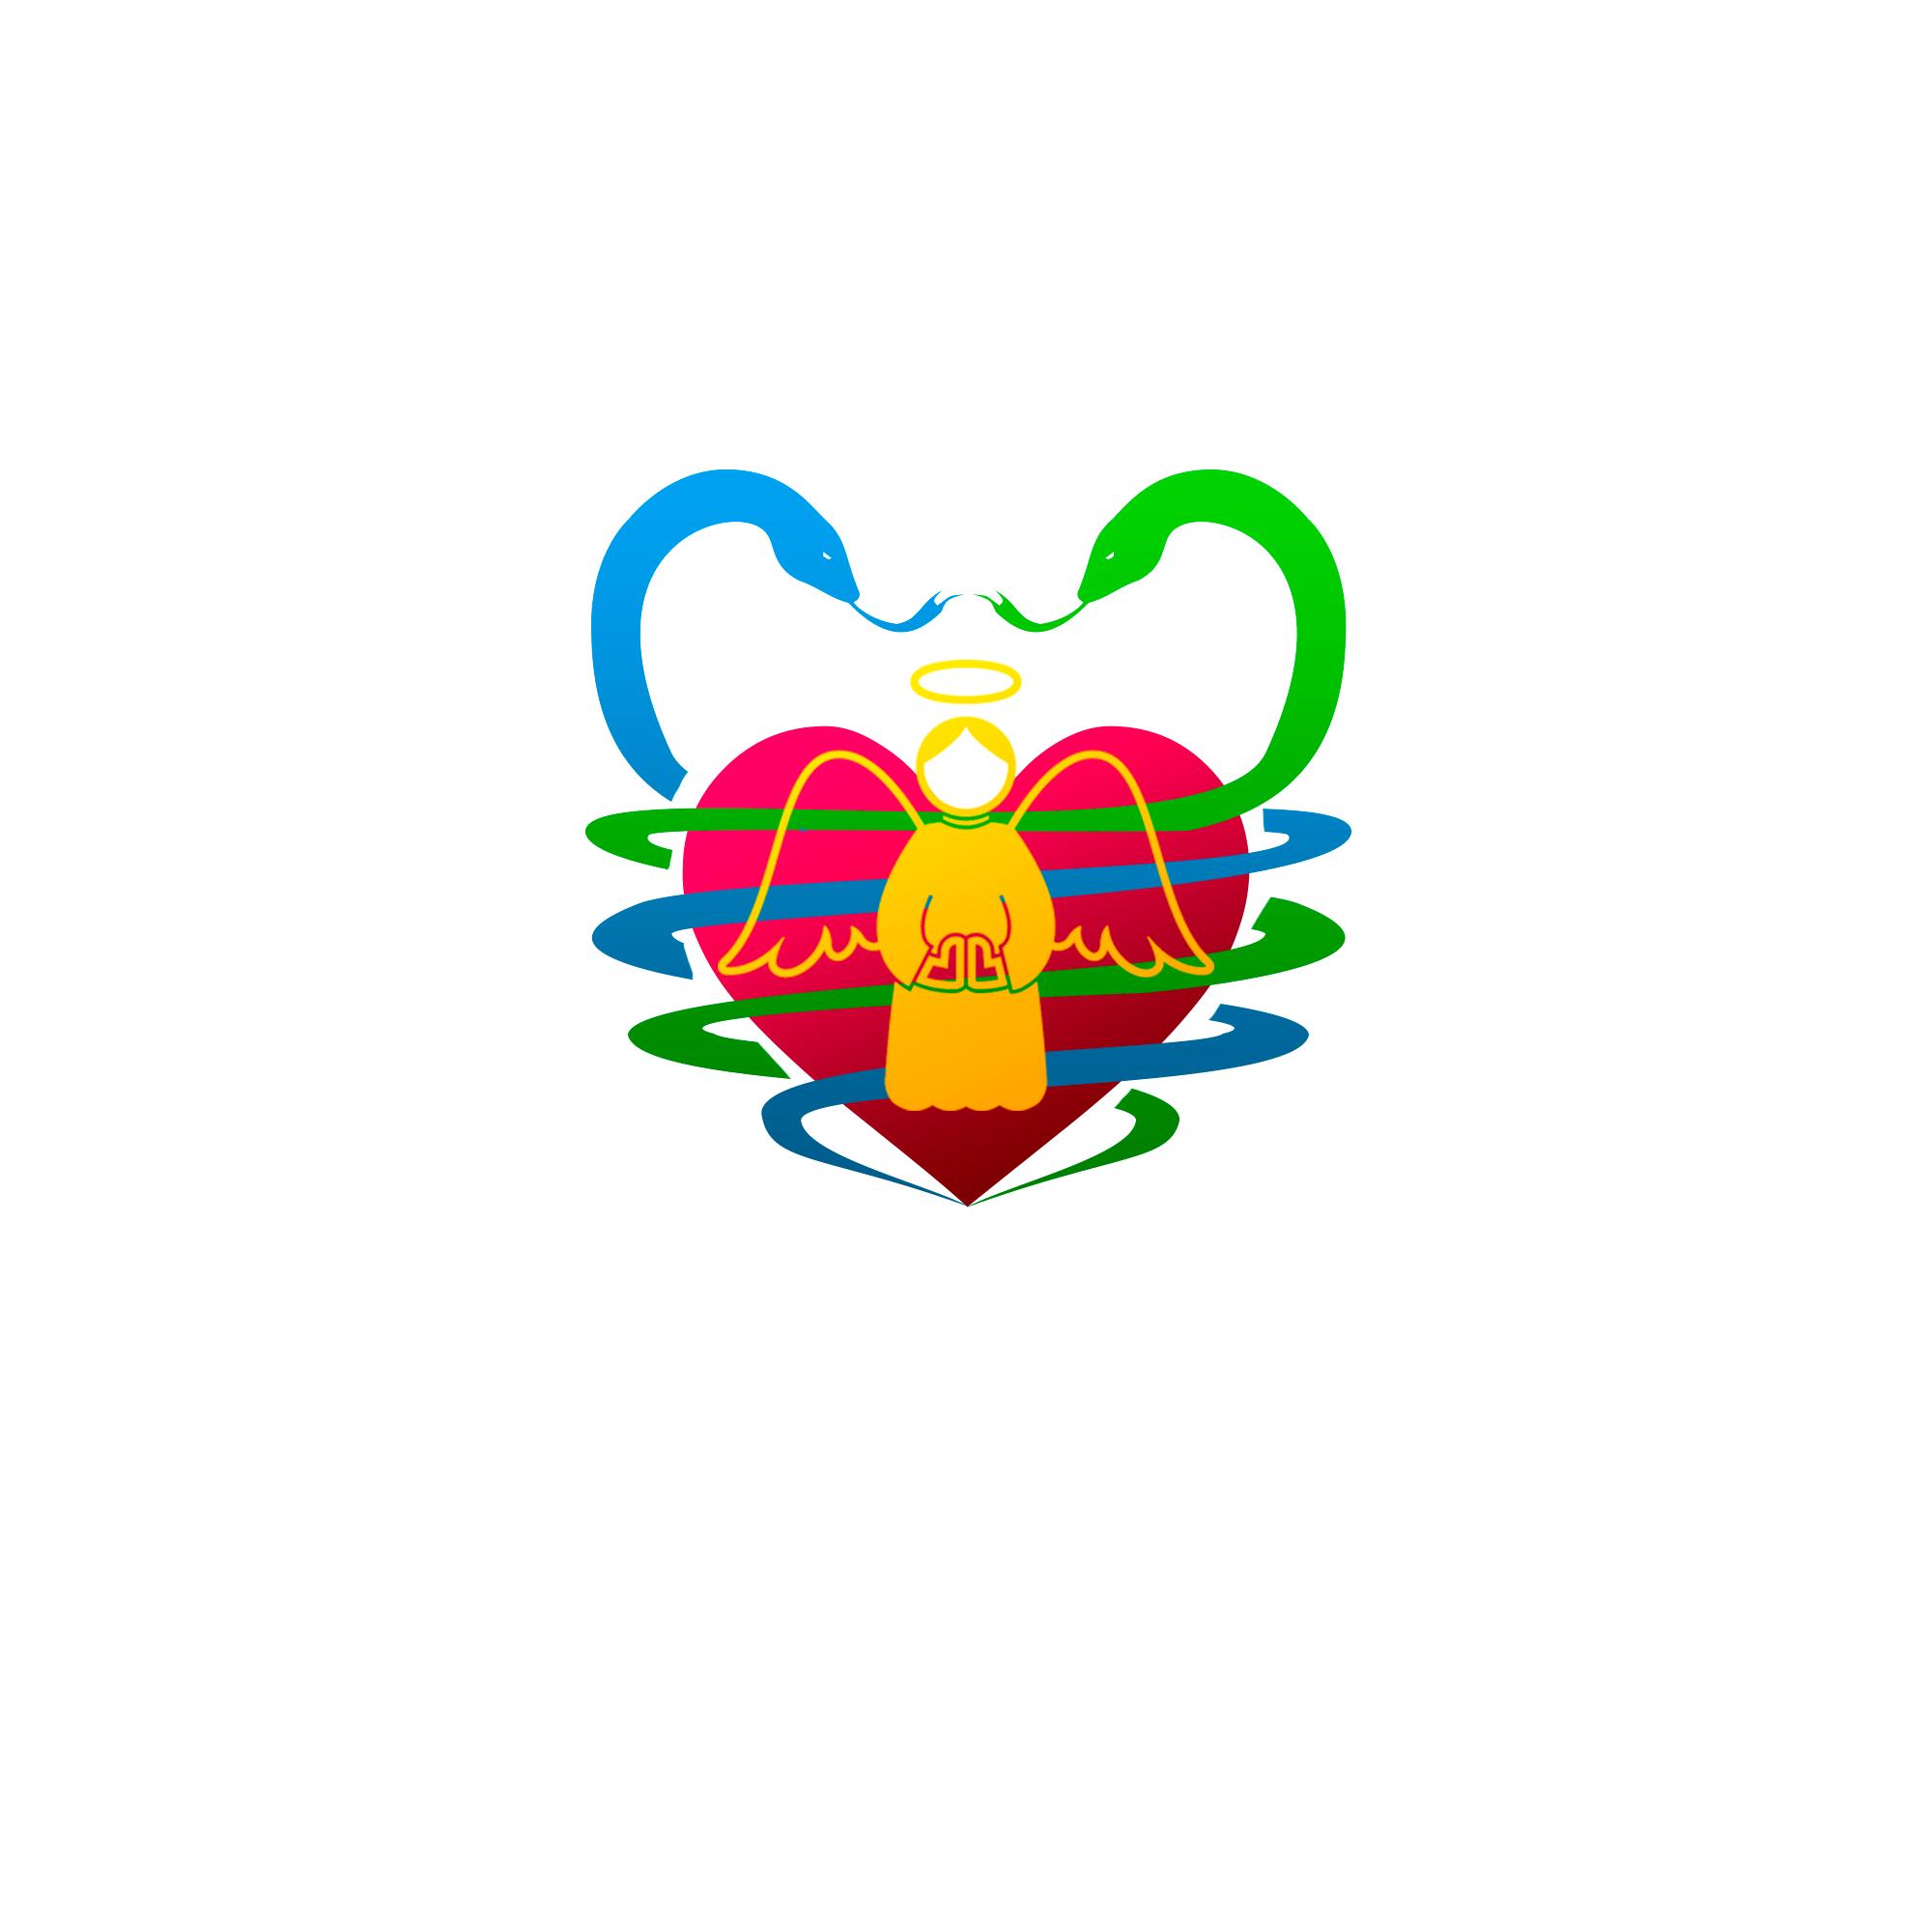 Необходимо разработать логотип для медицинского портала фото f_3625c000a961a85c.png